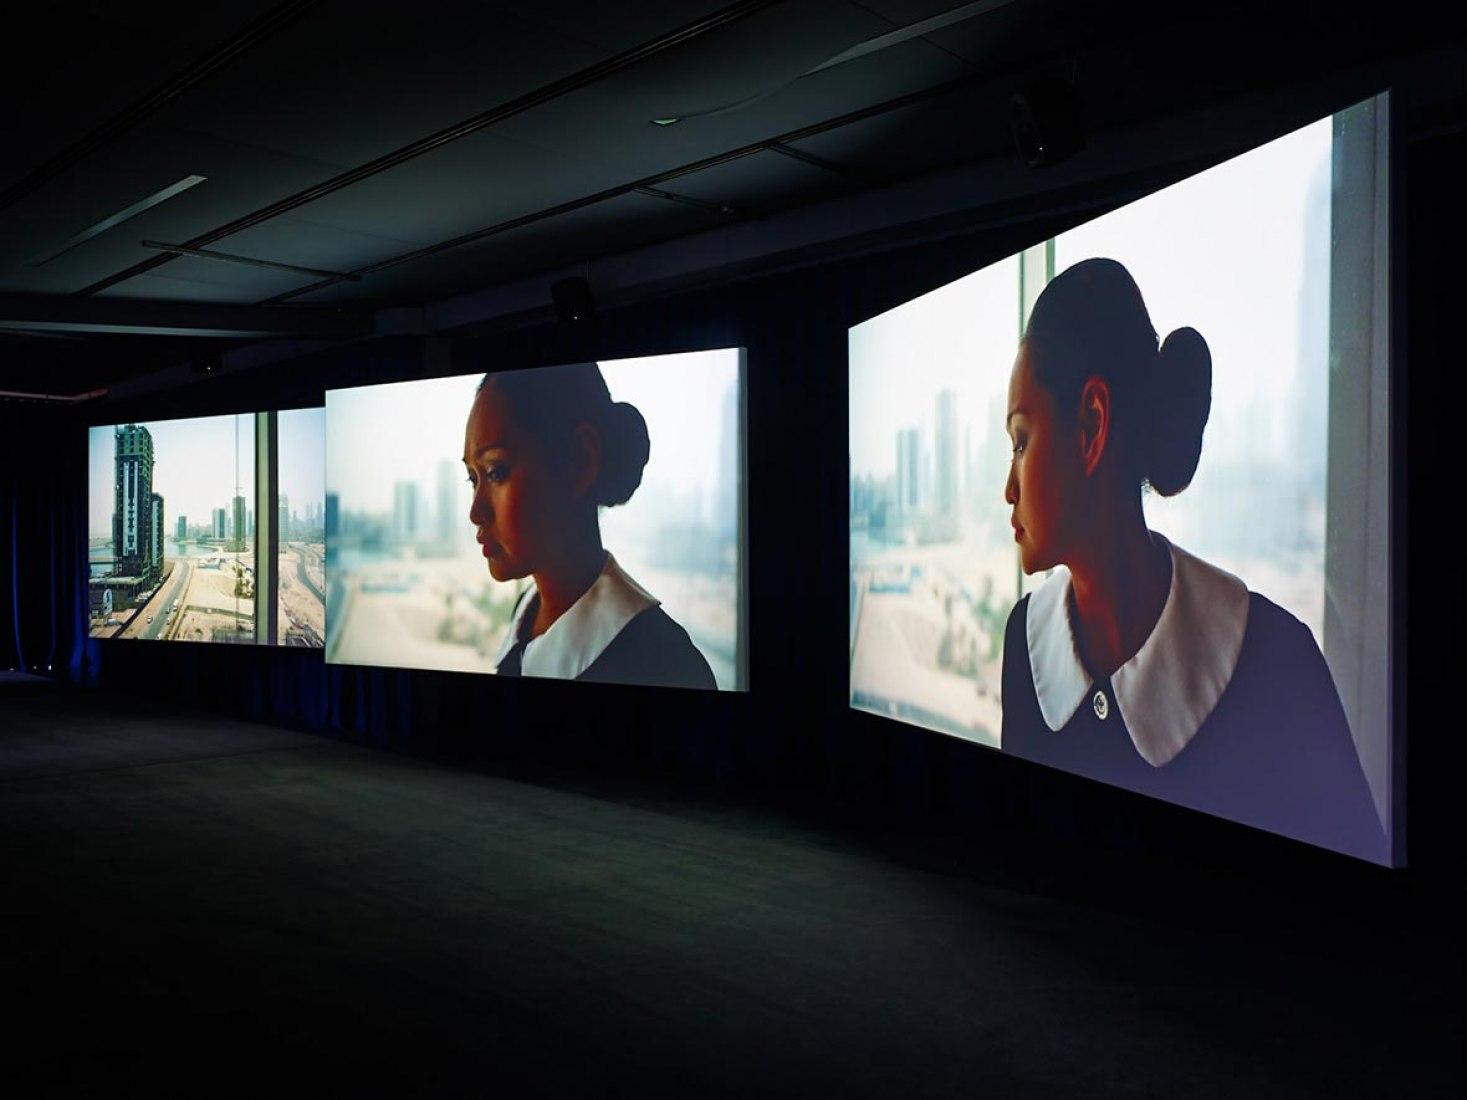 PLAYTIME 2014 Instalación en 3 pantallas ultra HD con 5.1 sonido surround © Isaac Julien Cortesía Isaac Julien y Galería Helga de Alvear. Fotografía: Stephen White.